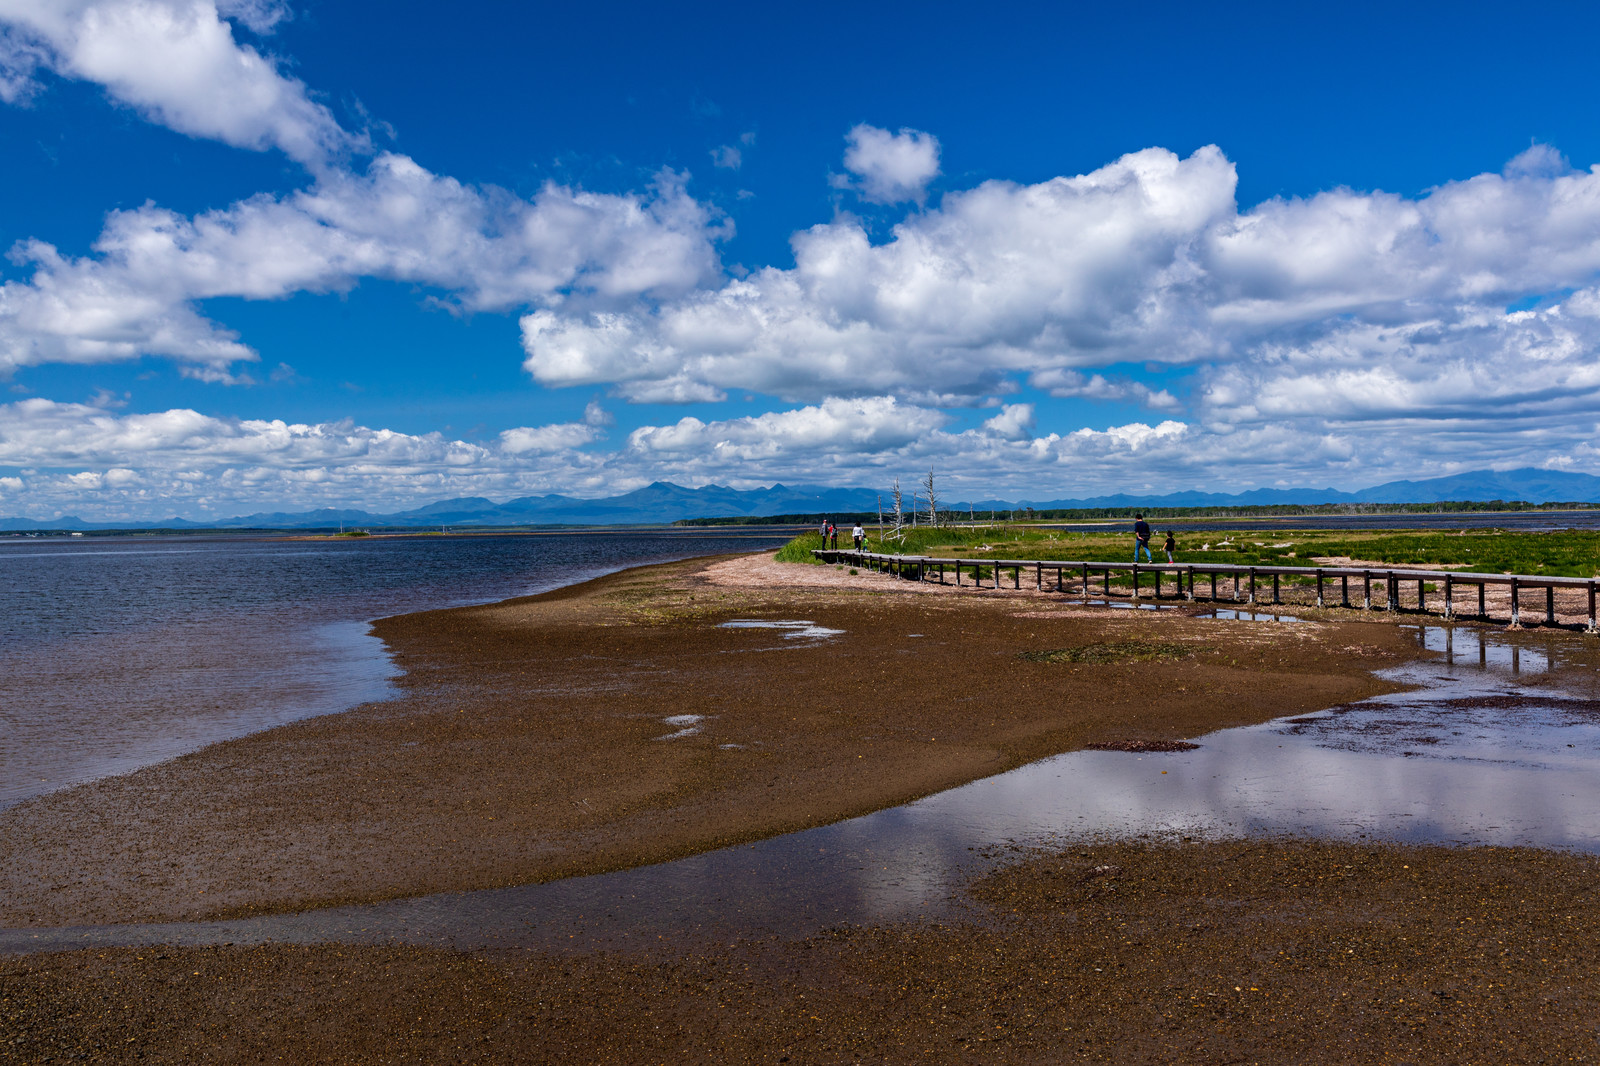 「野付半島の海岸と木道」の写真